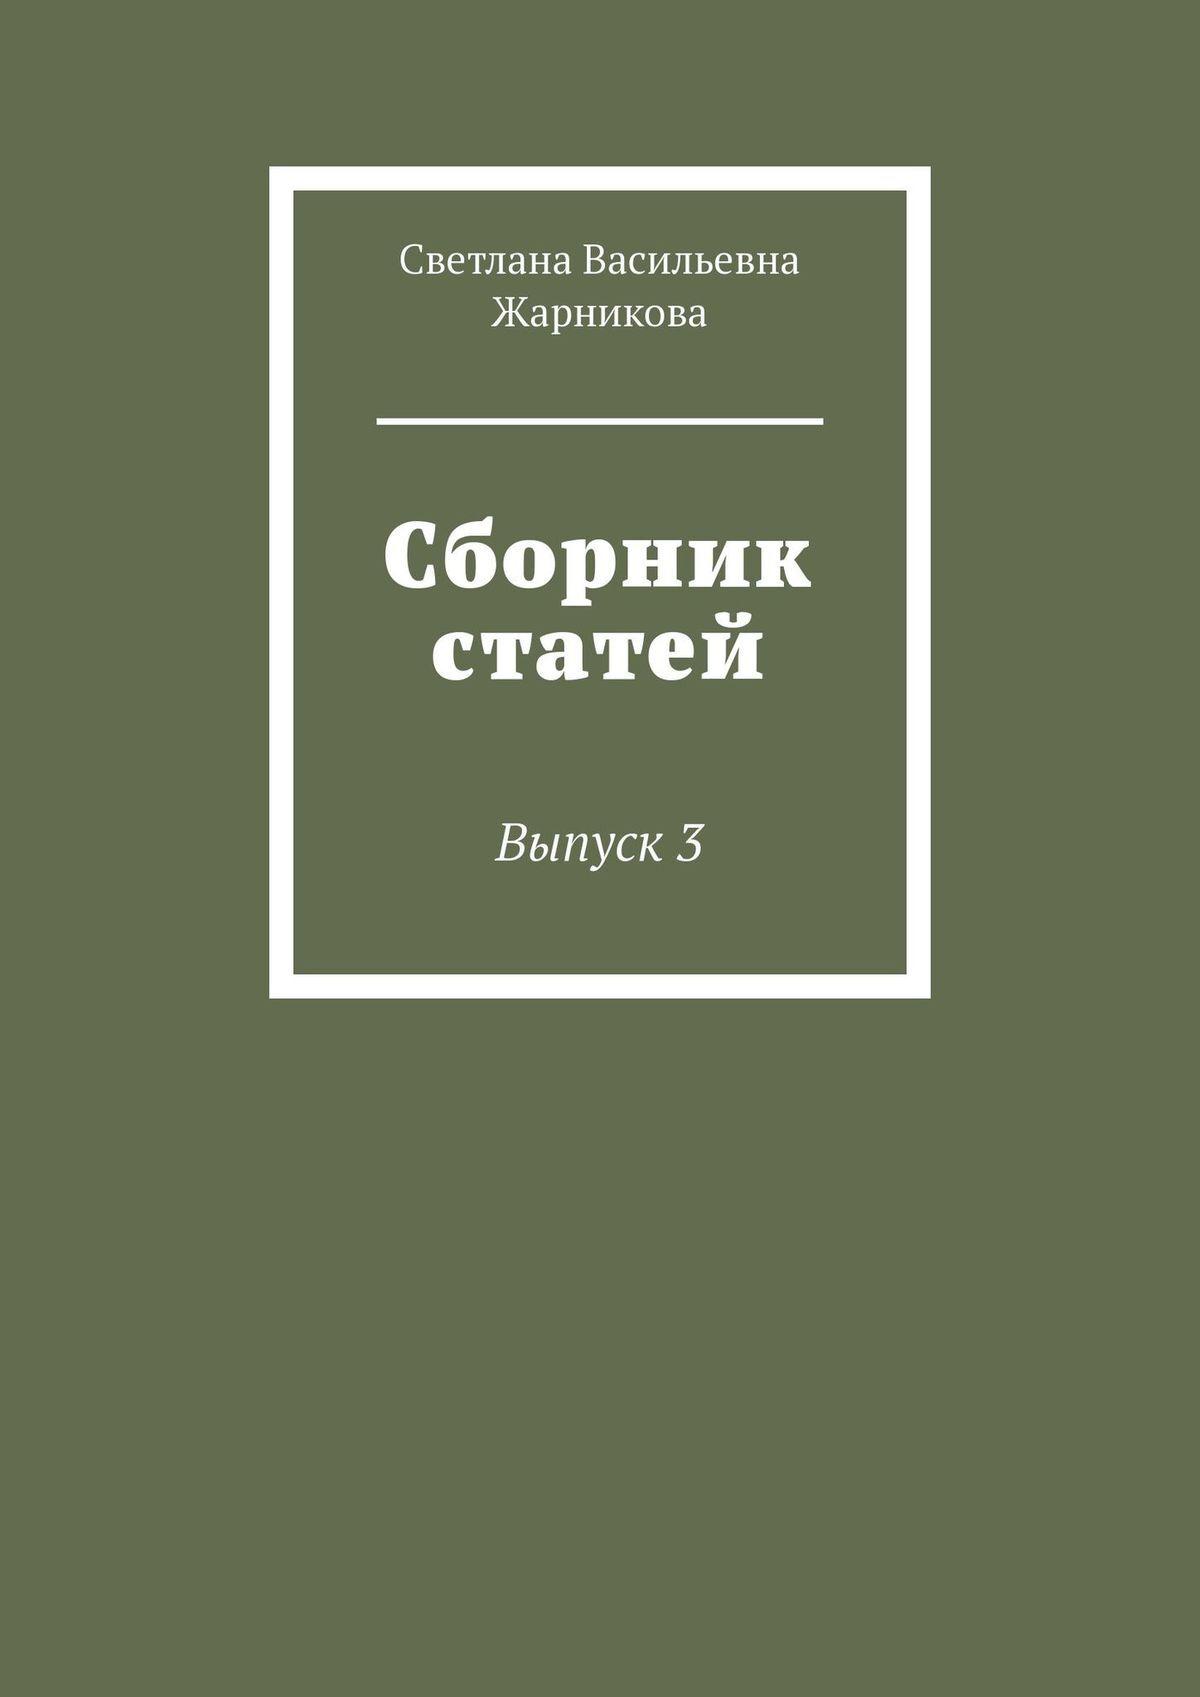 С.В.Жарникова. Сборник статей. Выпуск3